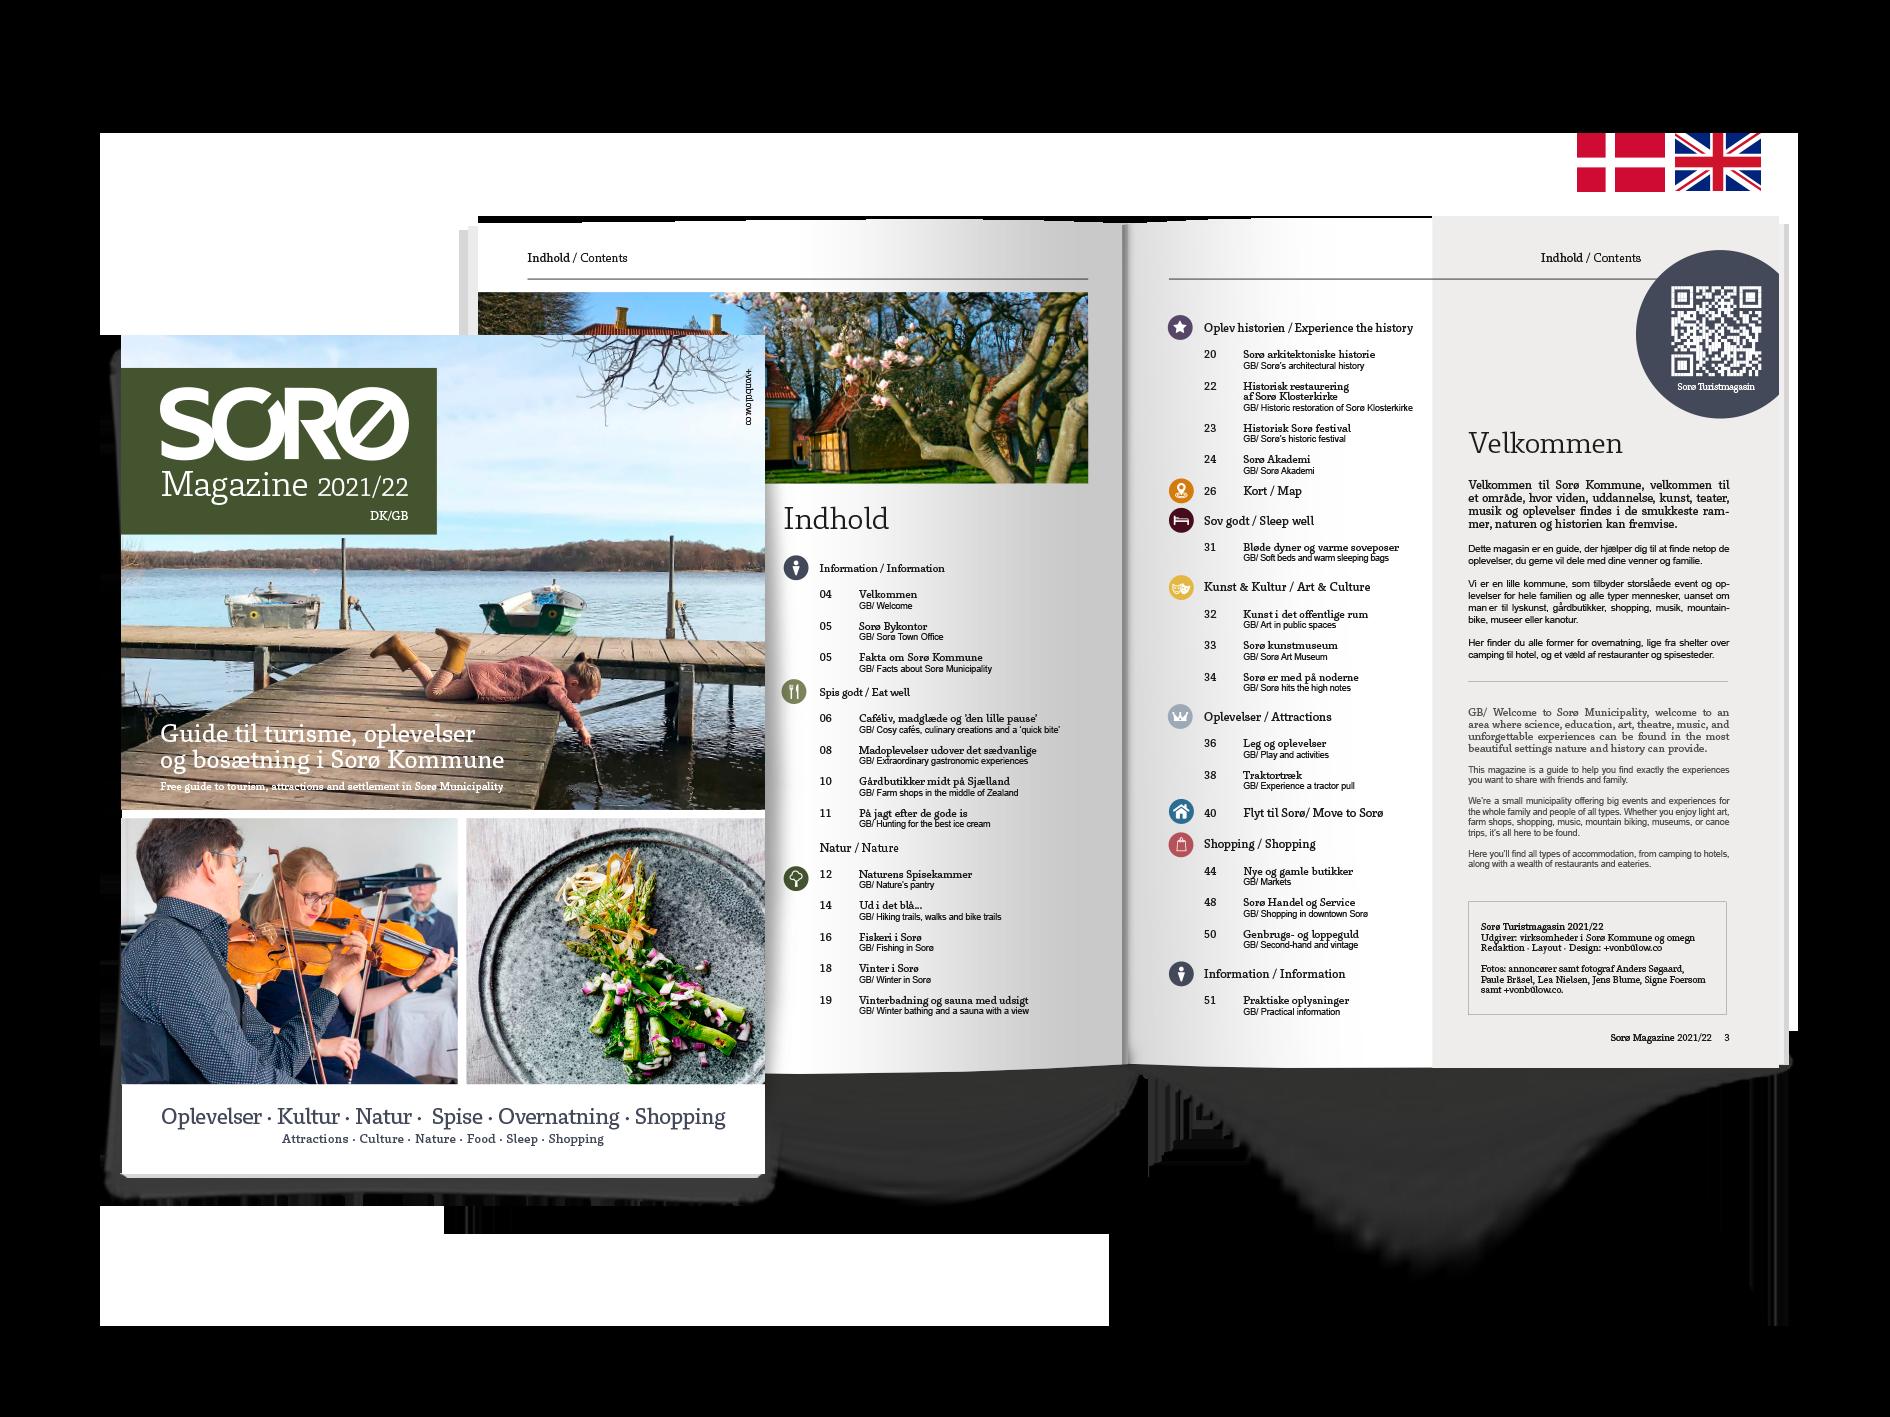 Fotografi af Sorø Magazine 2021